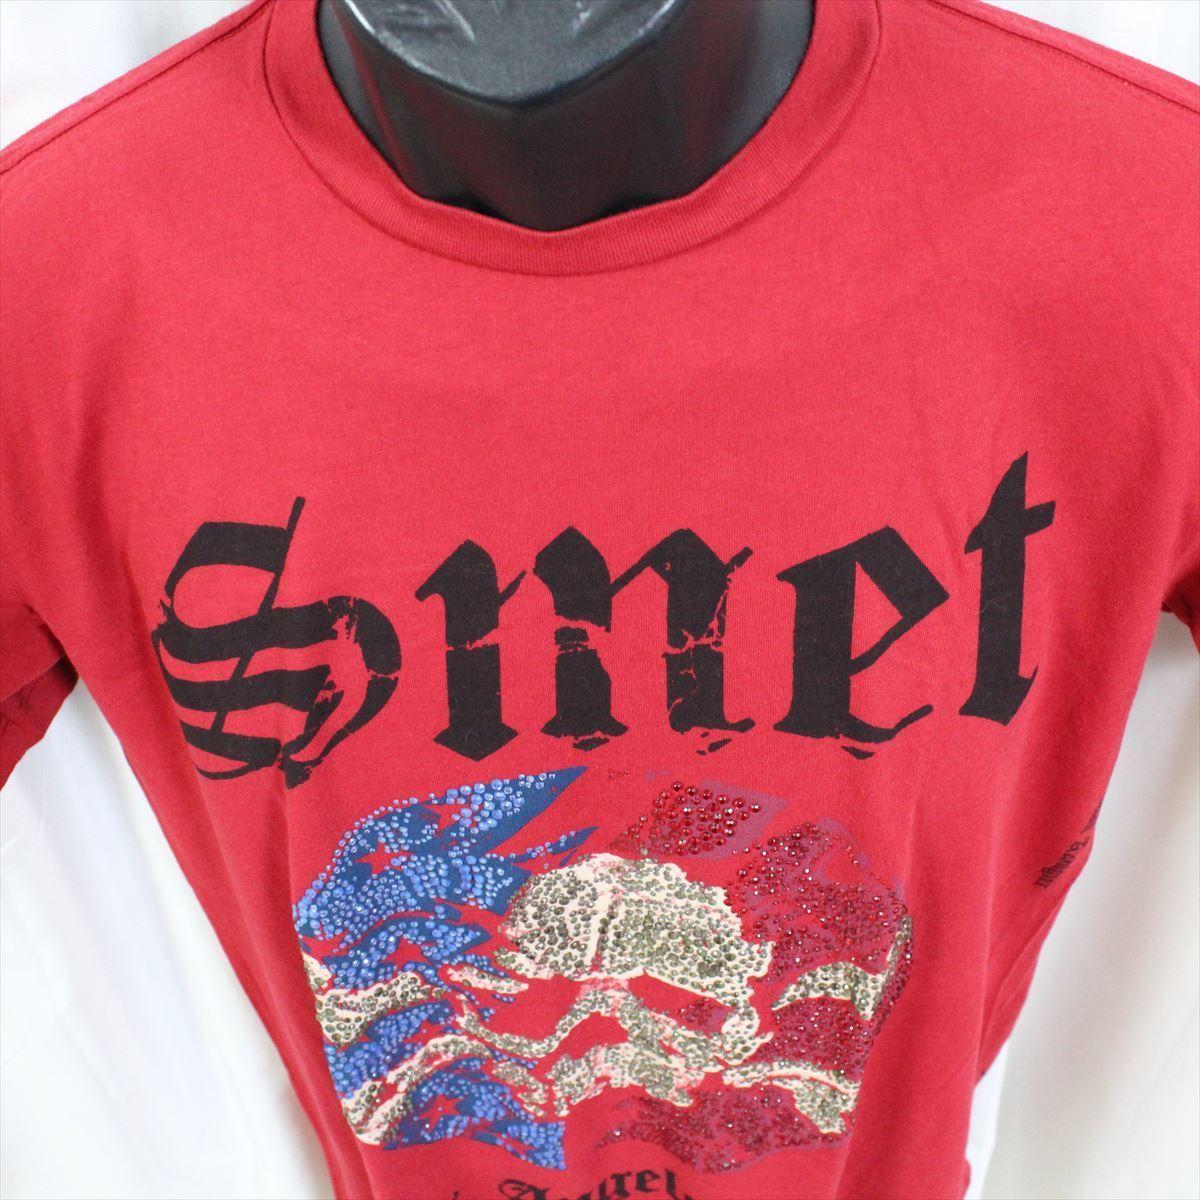 スメット SMET メンズ半袖Tシャツ レッド Sサイズ NO10 新品 赤 スカル_画像3